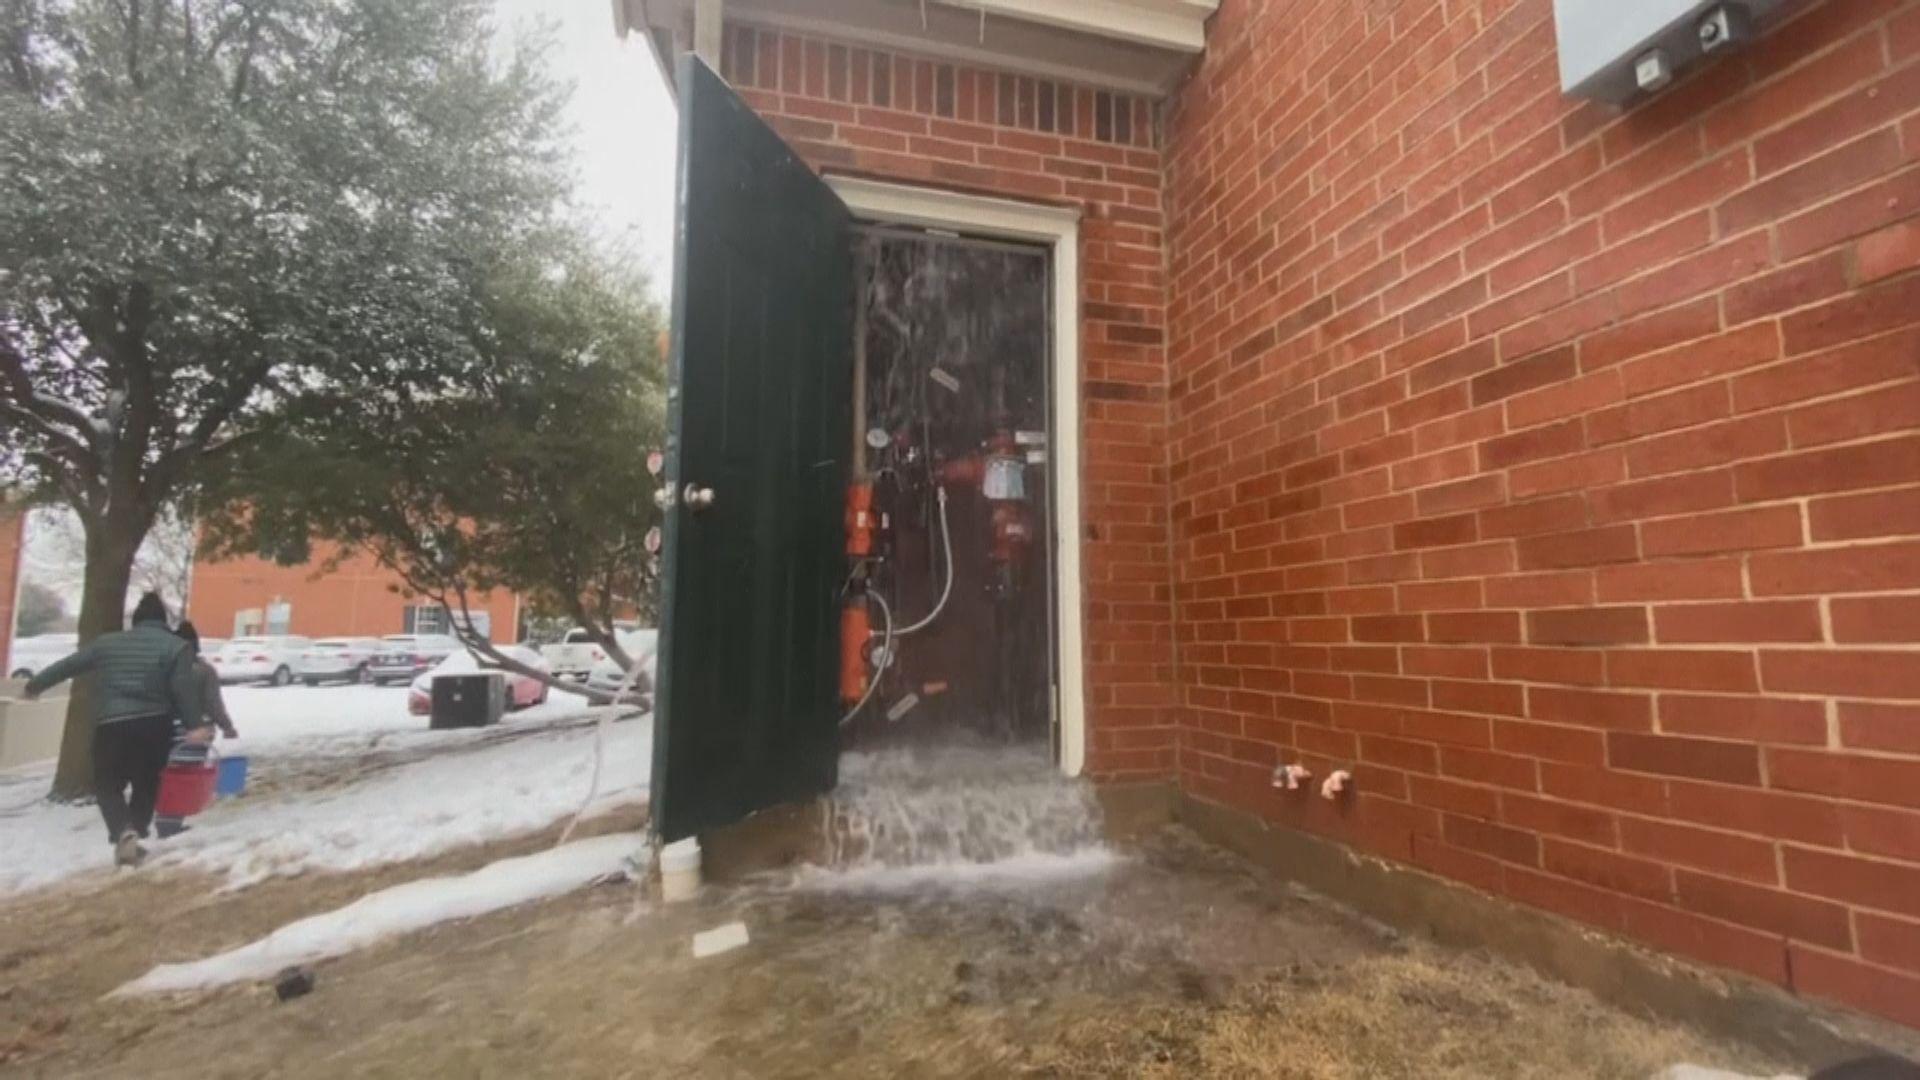 美國極端寒冷天氣持續 得州有水管爆裂導致供水短缺